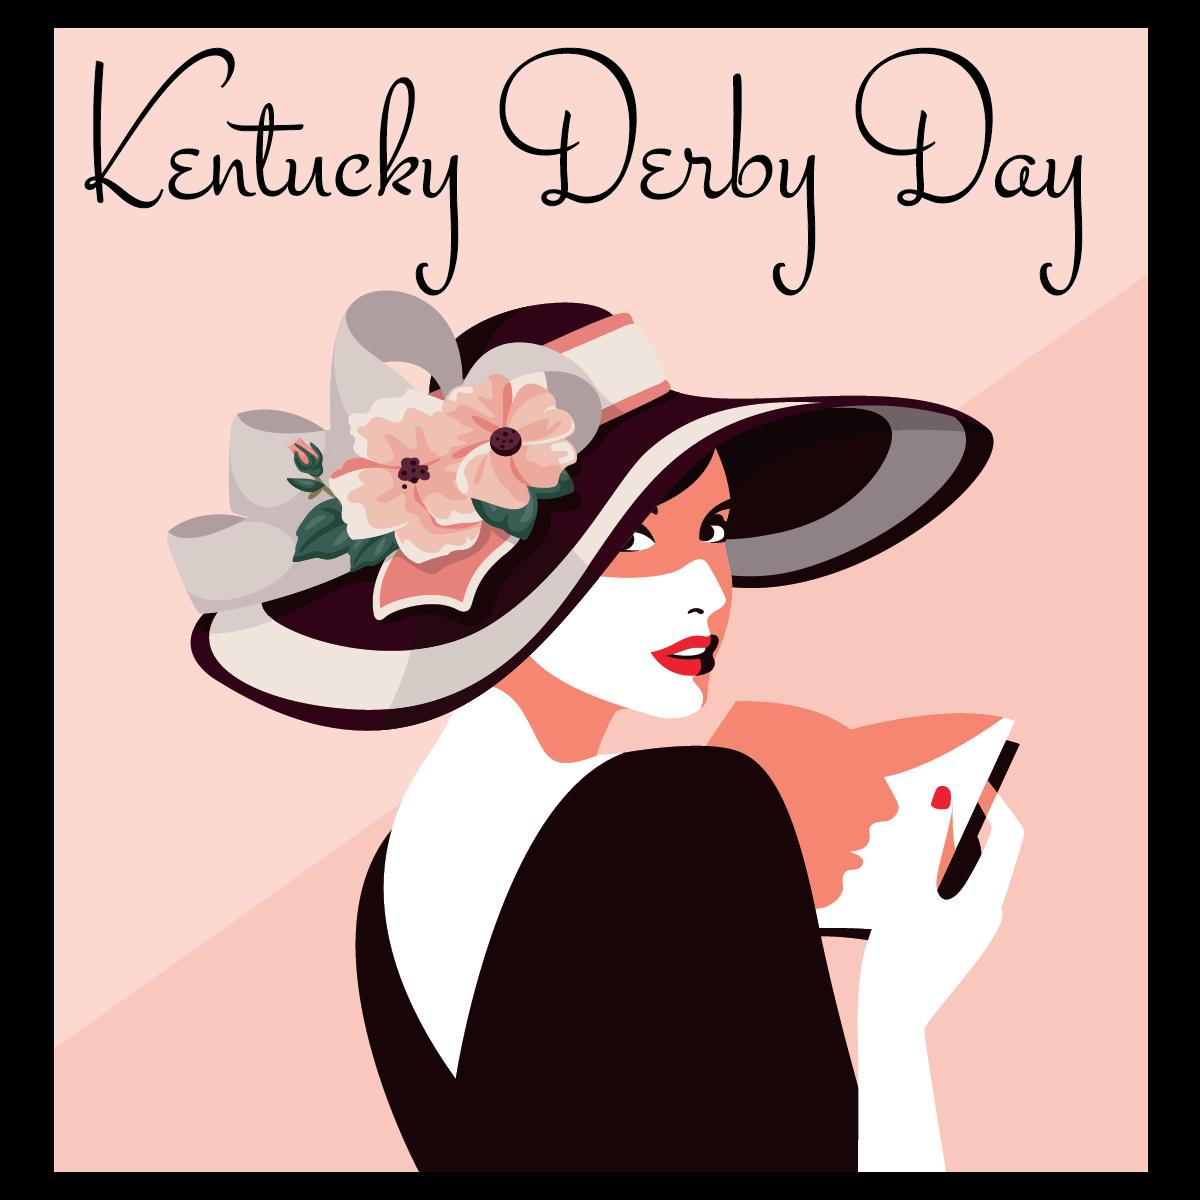 Kentucky Derby Day | Hermann Missouri